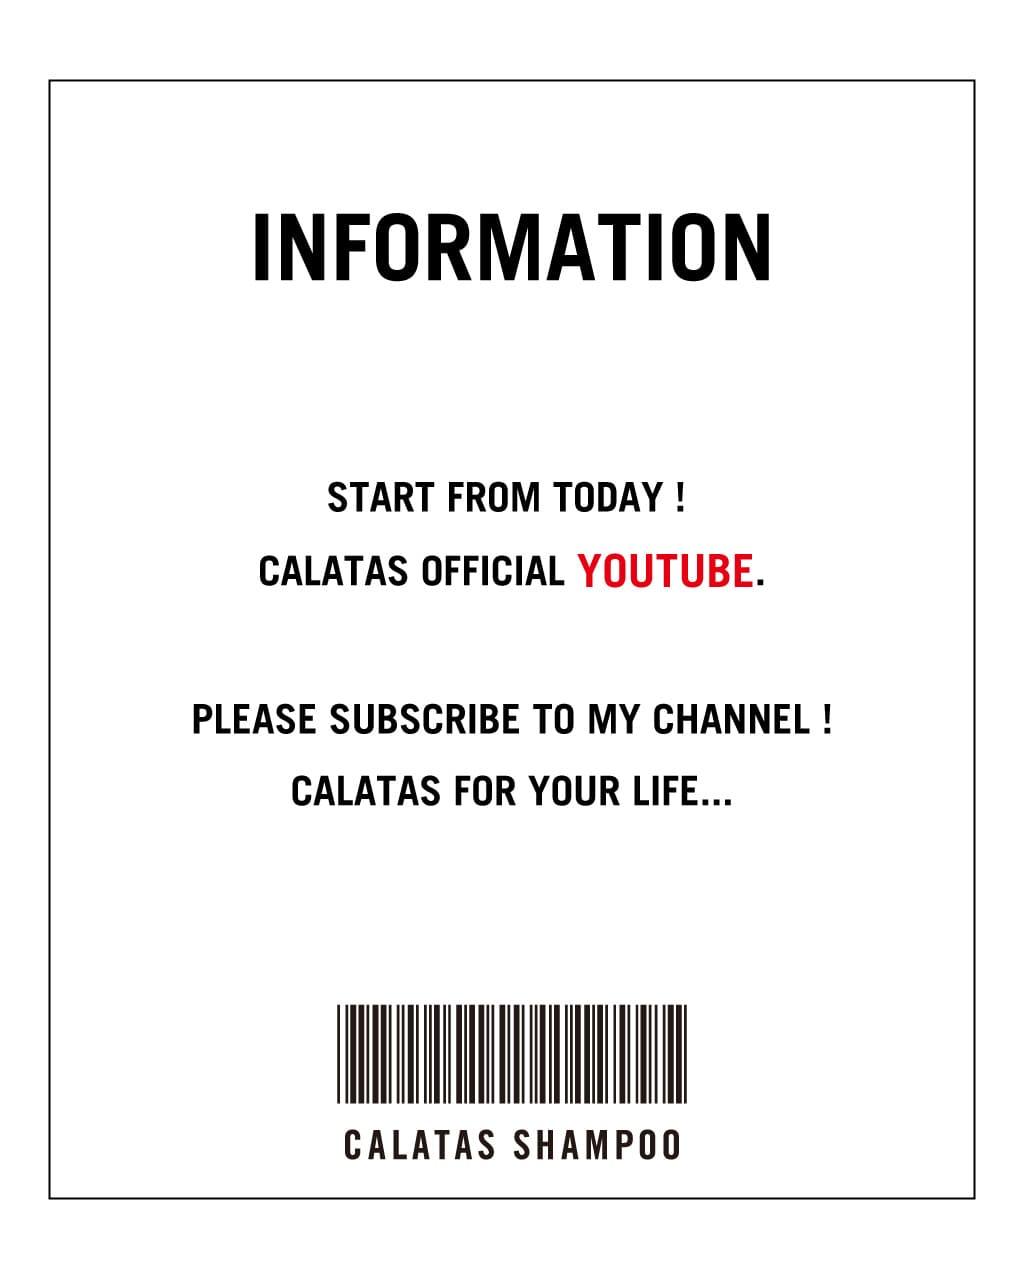 本日より、Youtubeにてカラタス公式チャンネルを公開いたします。  「 LIFE WITH CALATAS 」をテーマに更新。  TOPページよりアクセス出来ます。  ぜひ、ご視聴くださいませ。